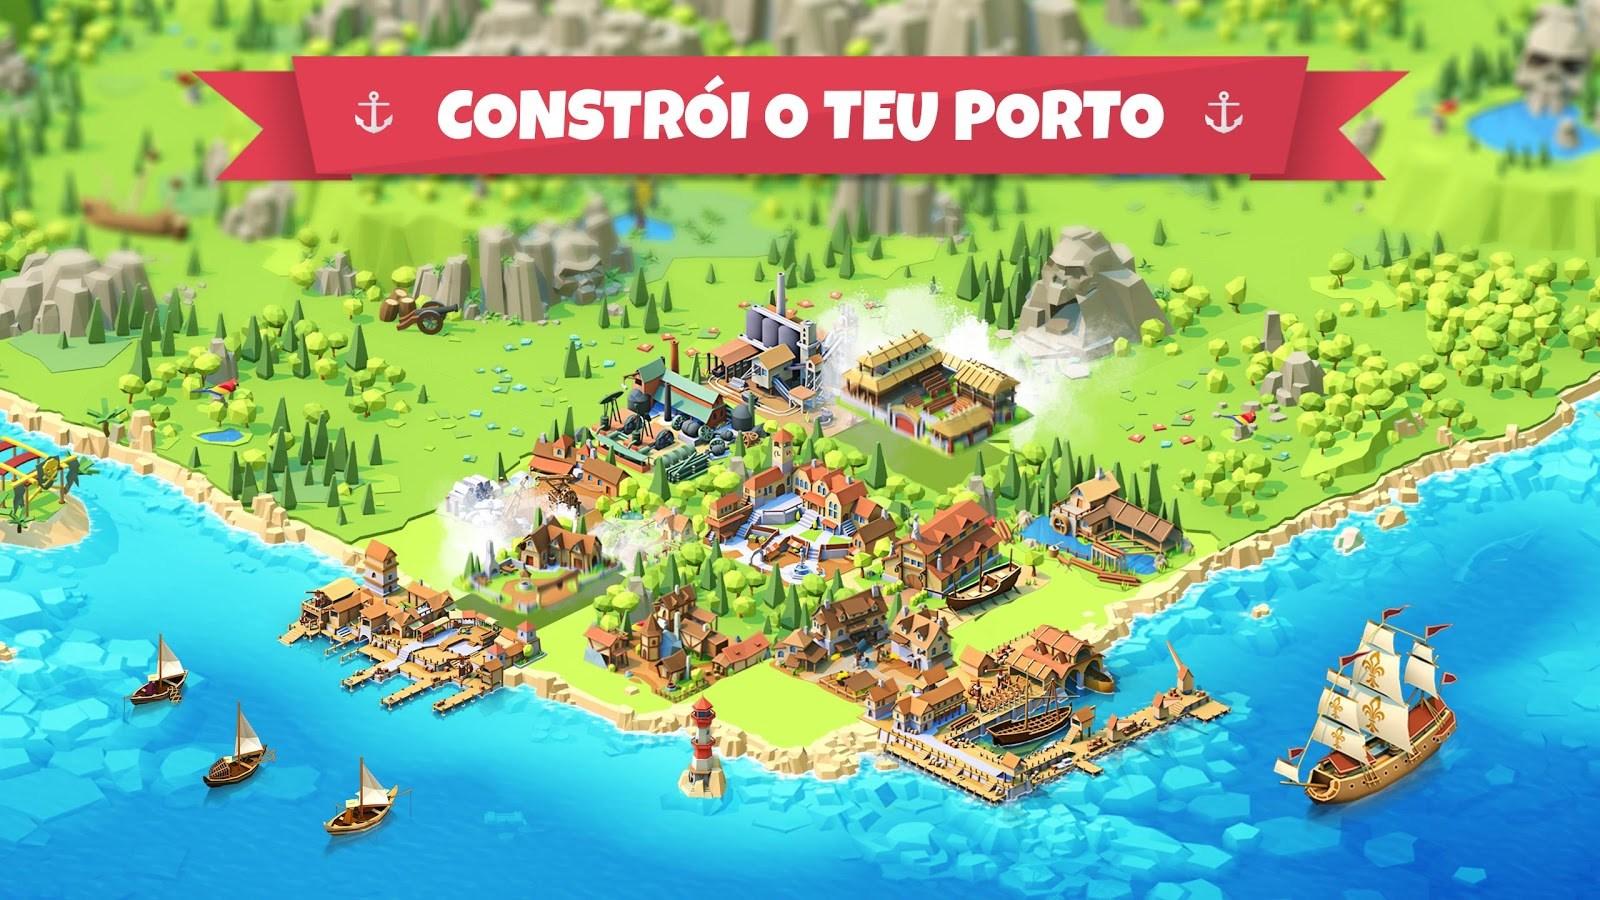 Seaport - Explora, Coleciona & Troca - Imagem 1 do software